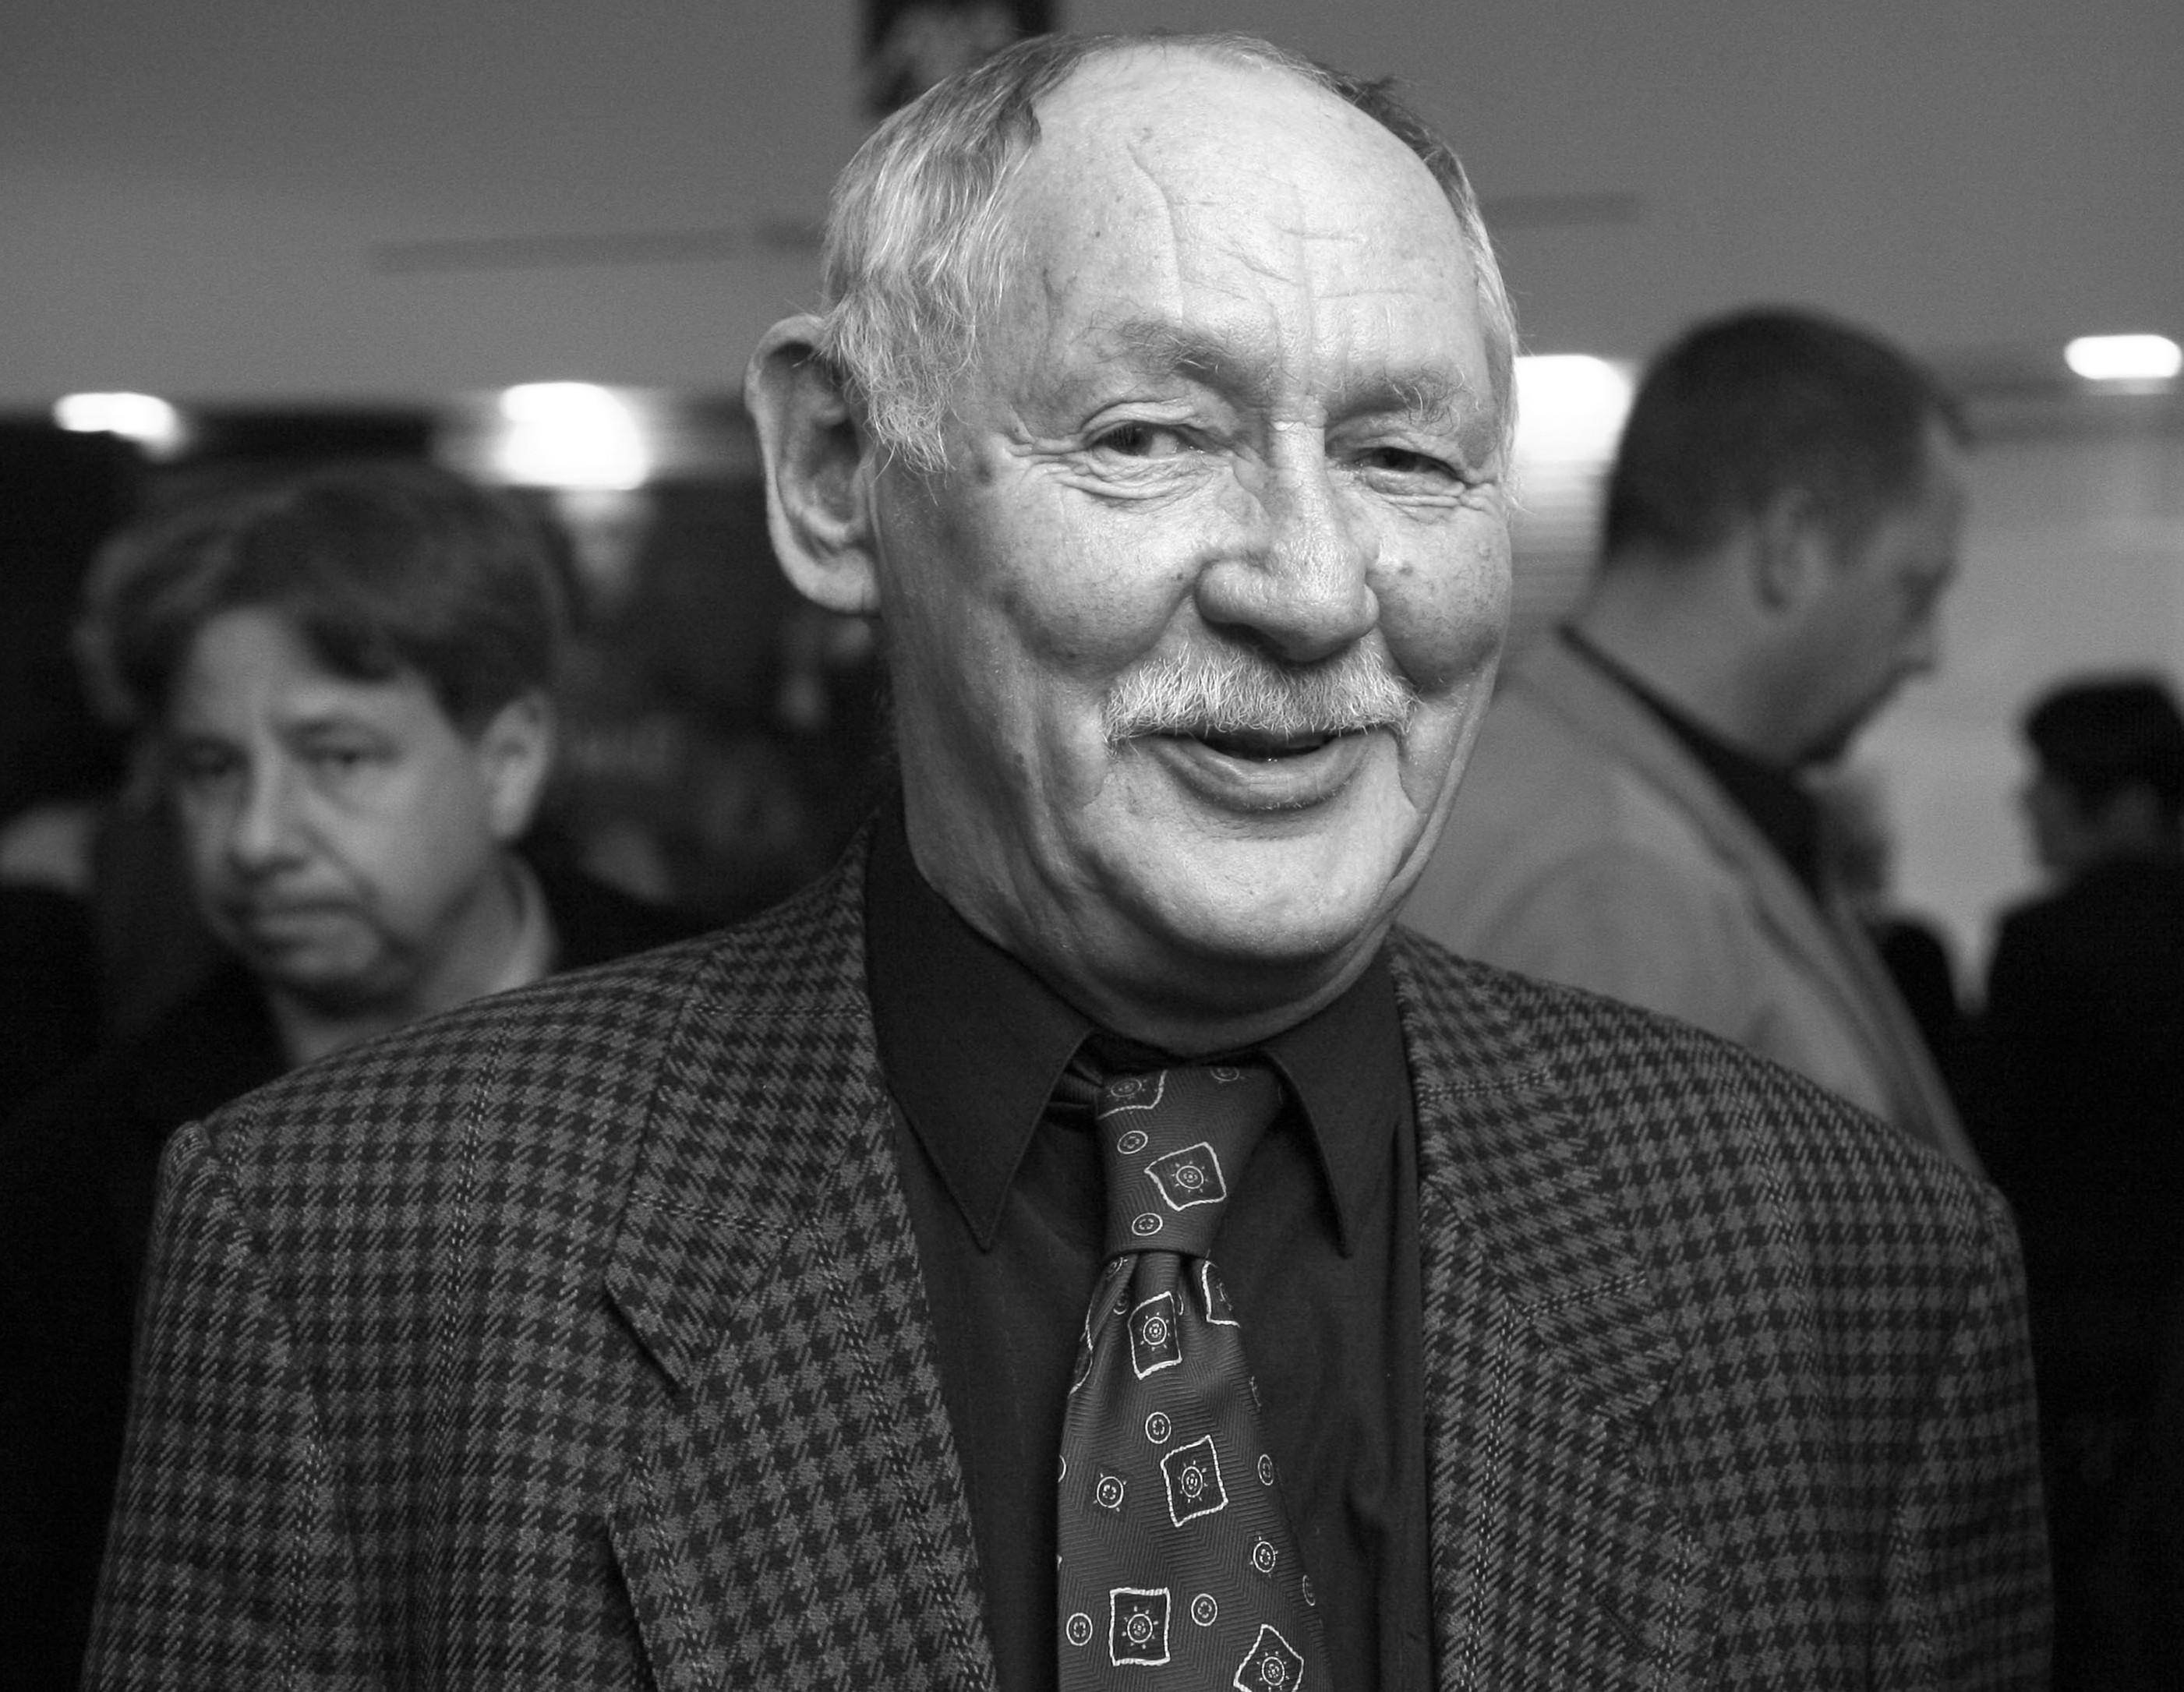 Marek Bargiełowski